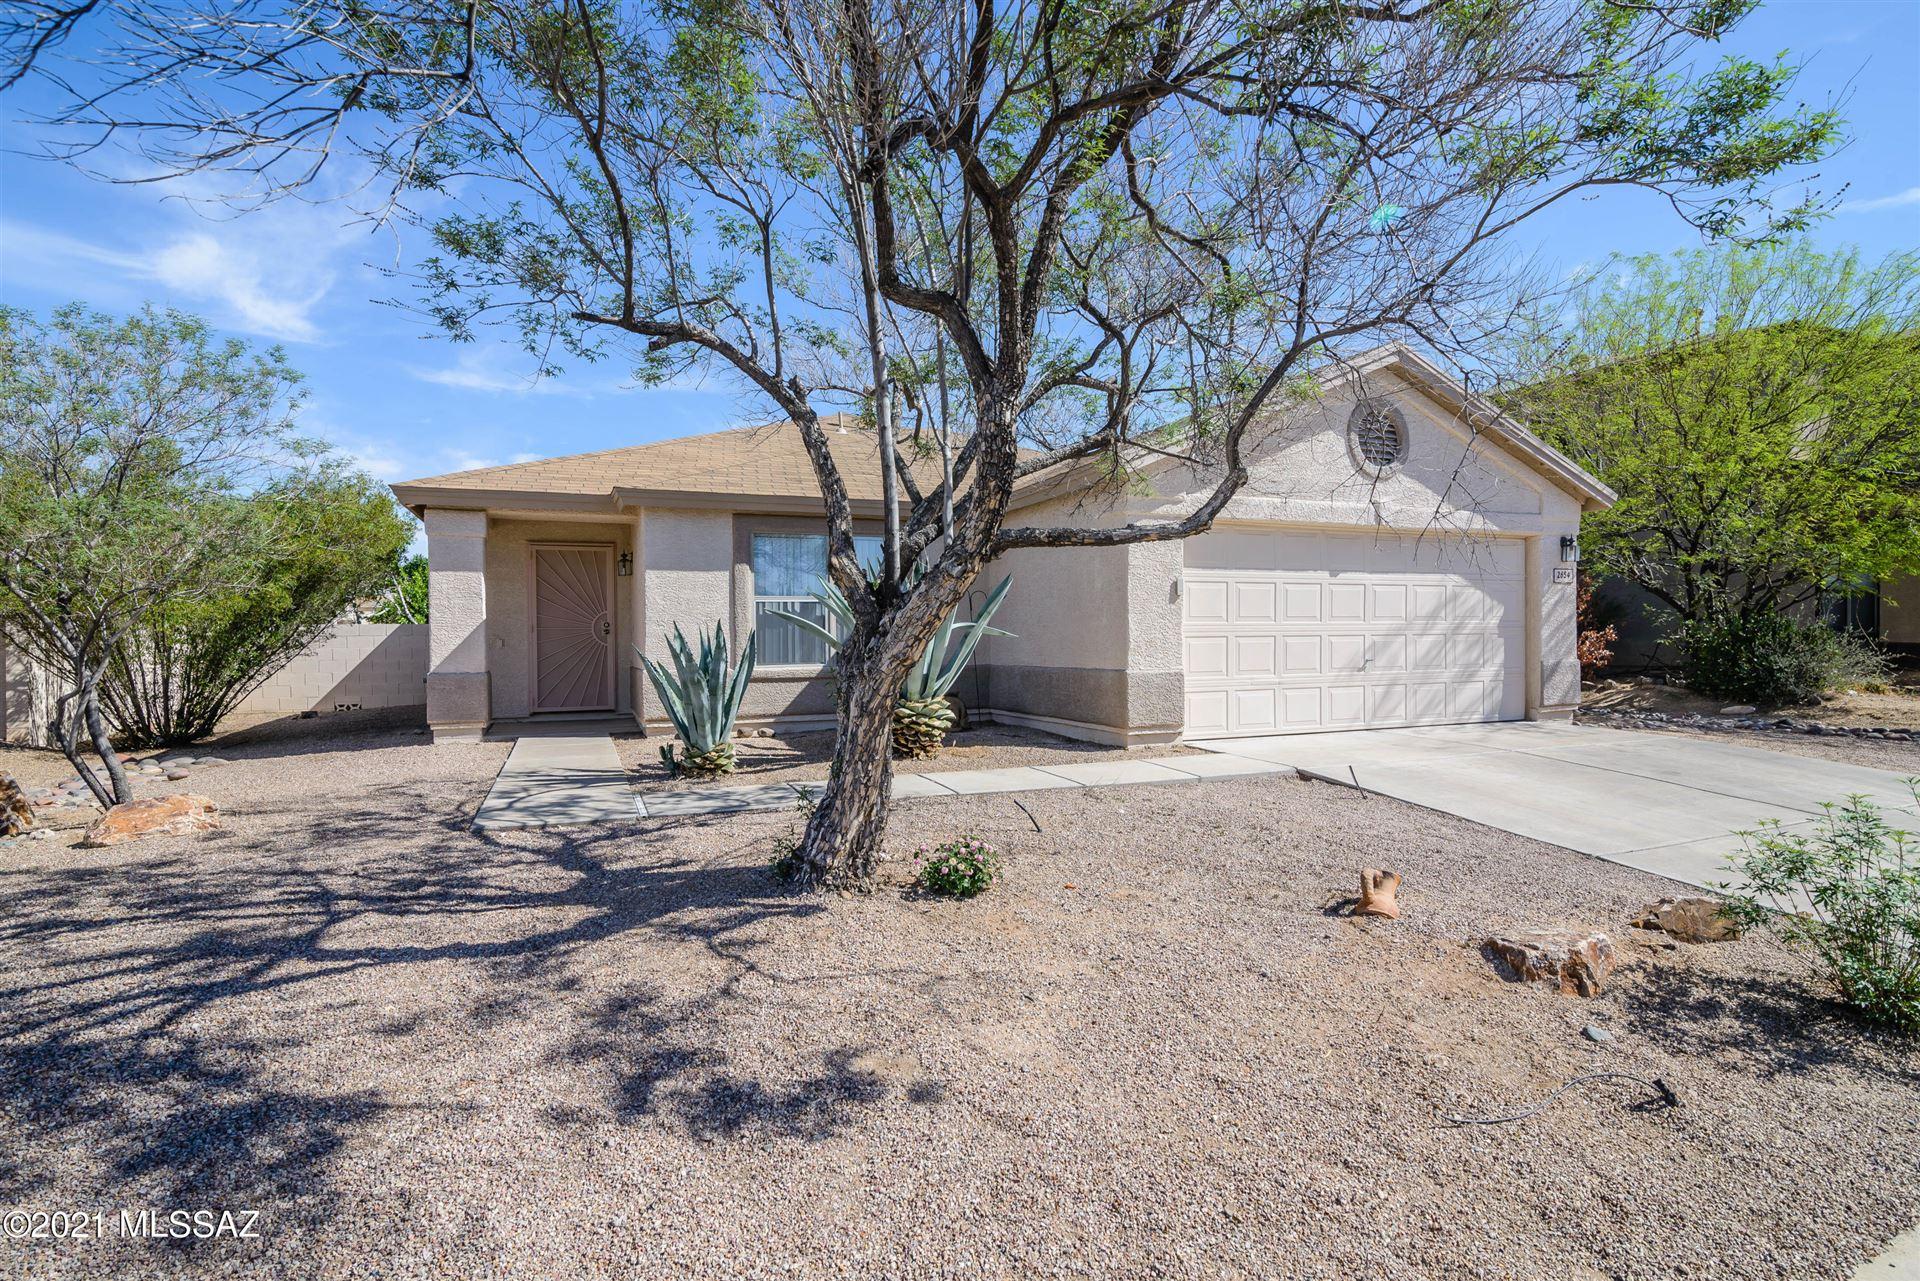 2654 W Calle Senor Roberto, Tucson, AZ 85741 - #: 22109133